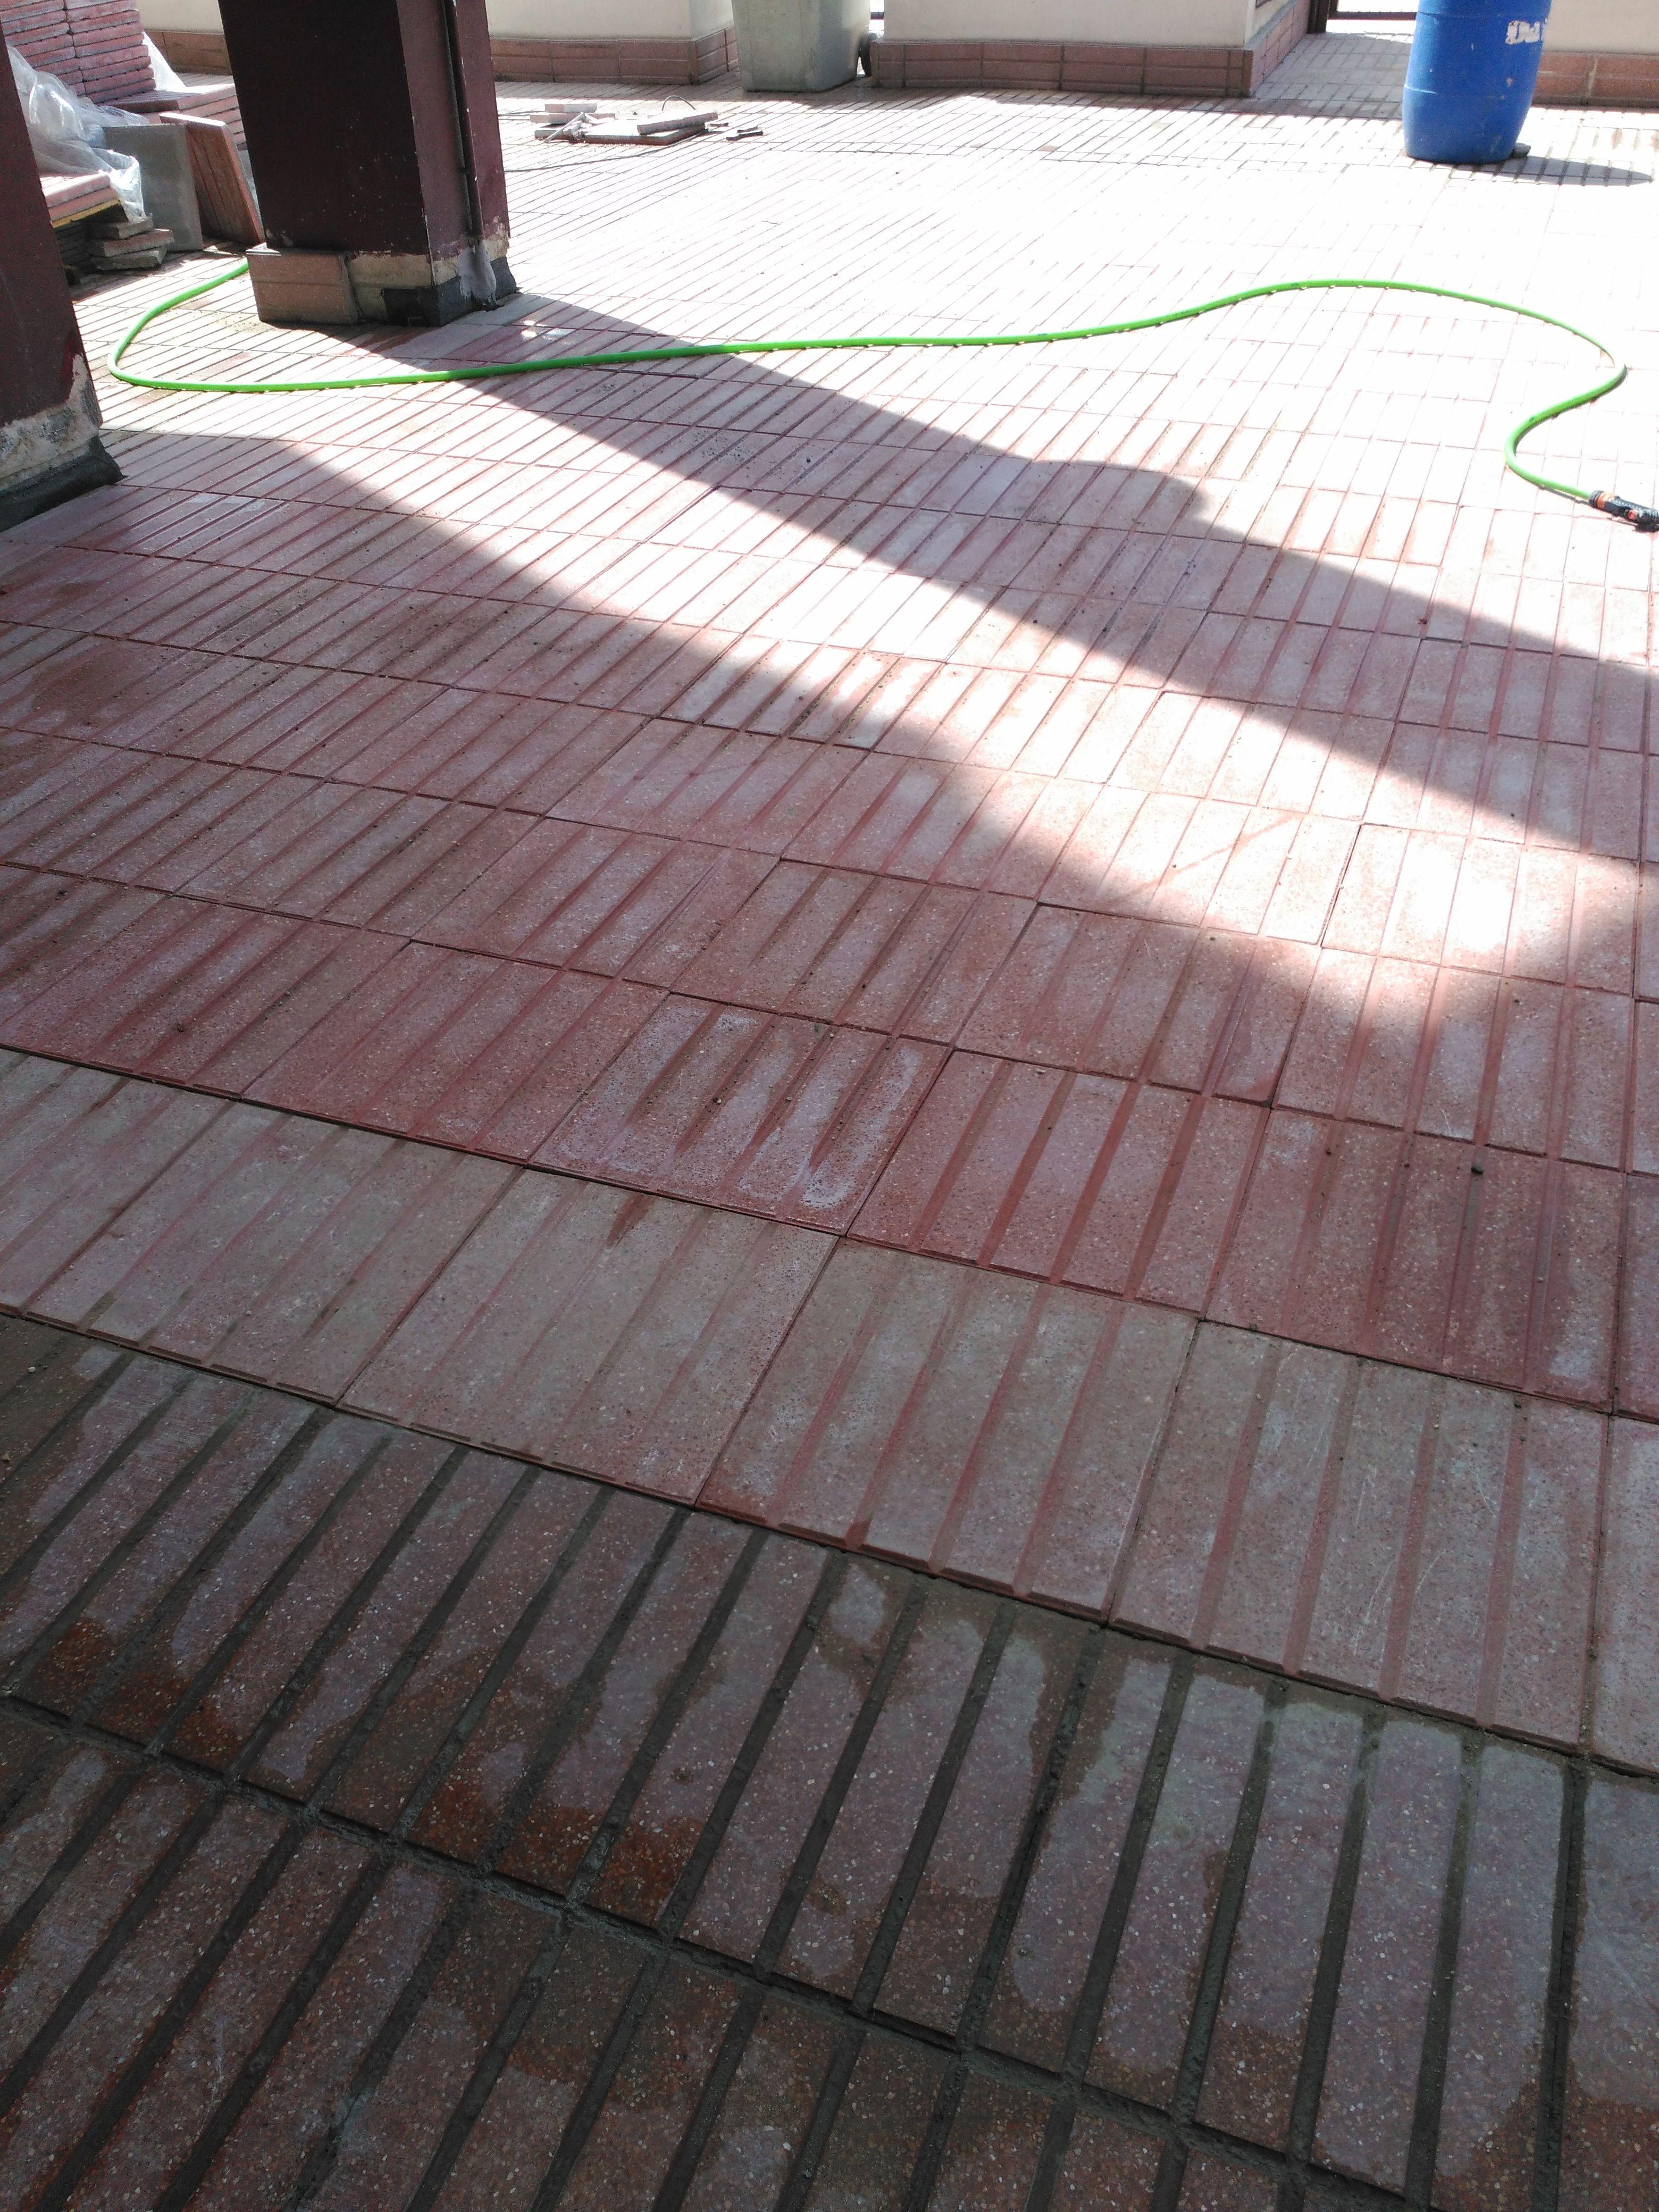 Foto 38 de Cubiertas y tejados en Leganés | Cubiertas Imperdur, S.L.